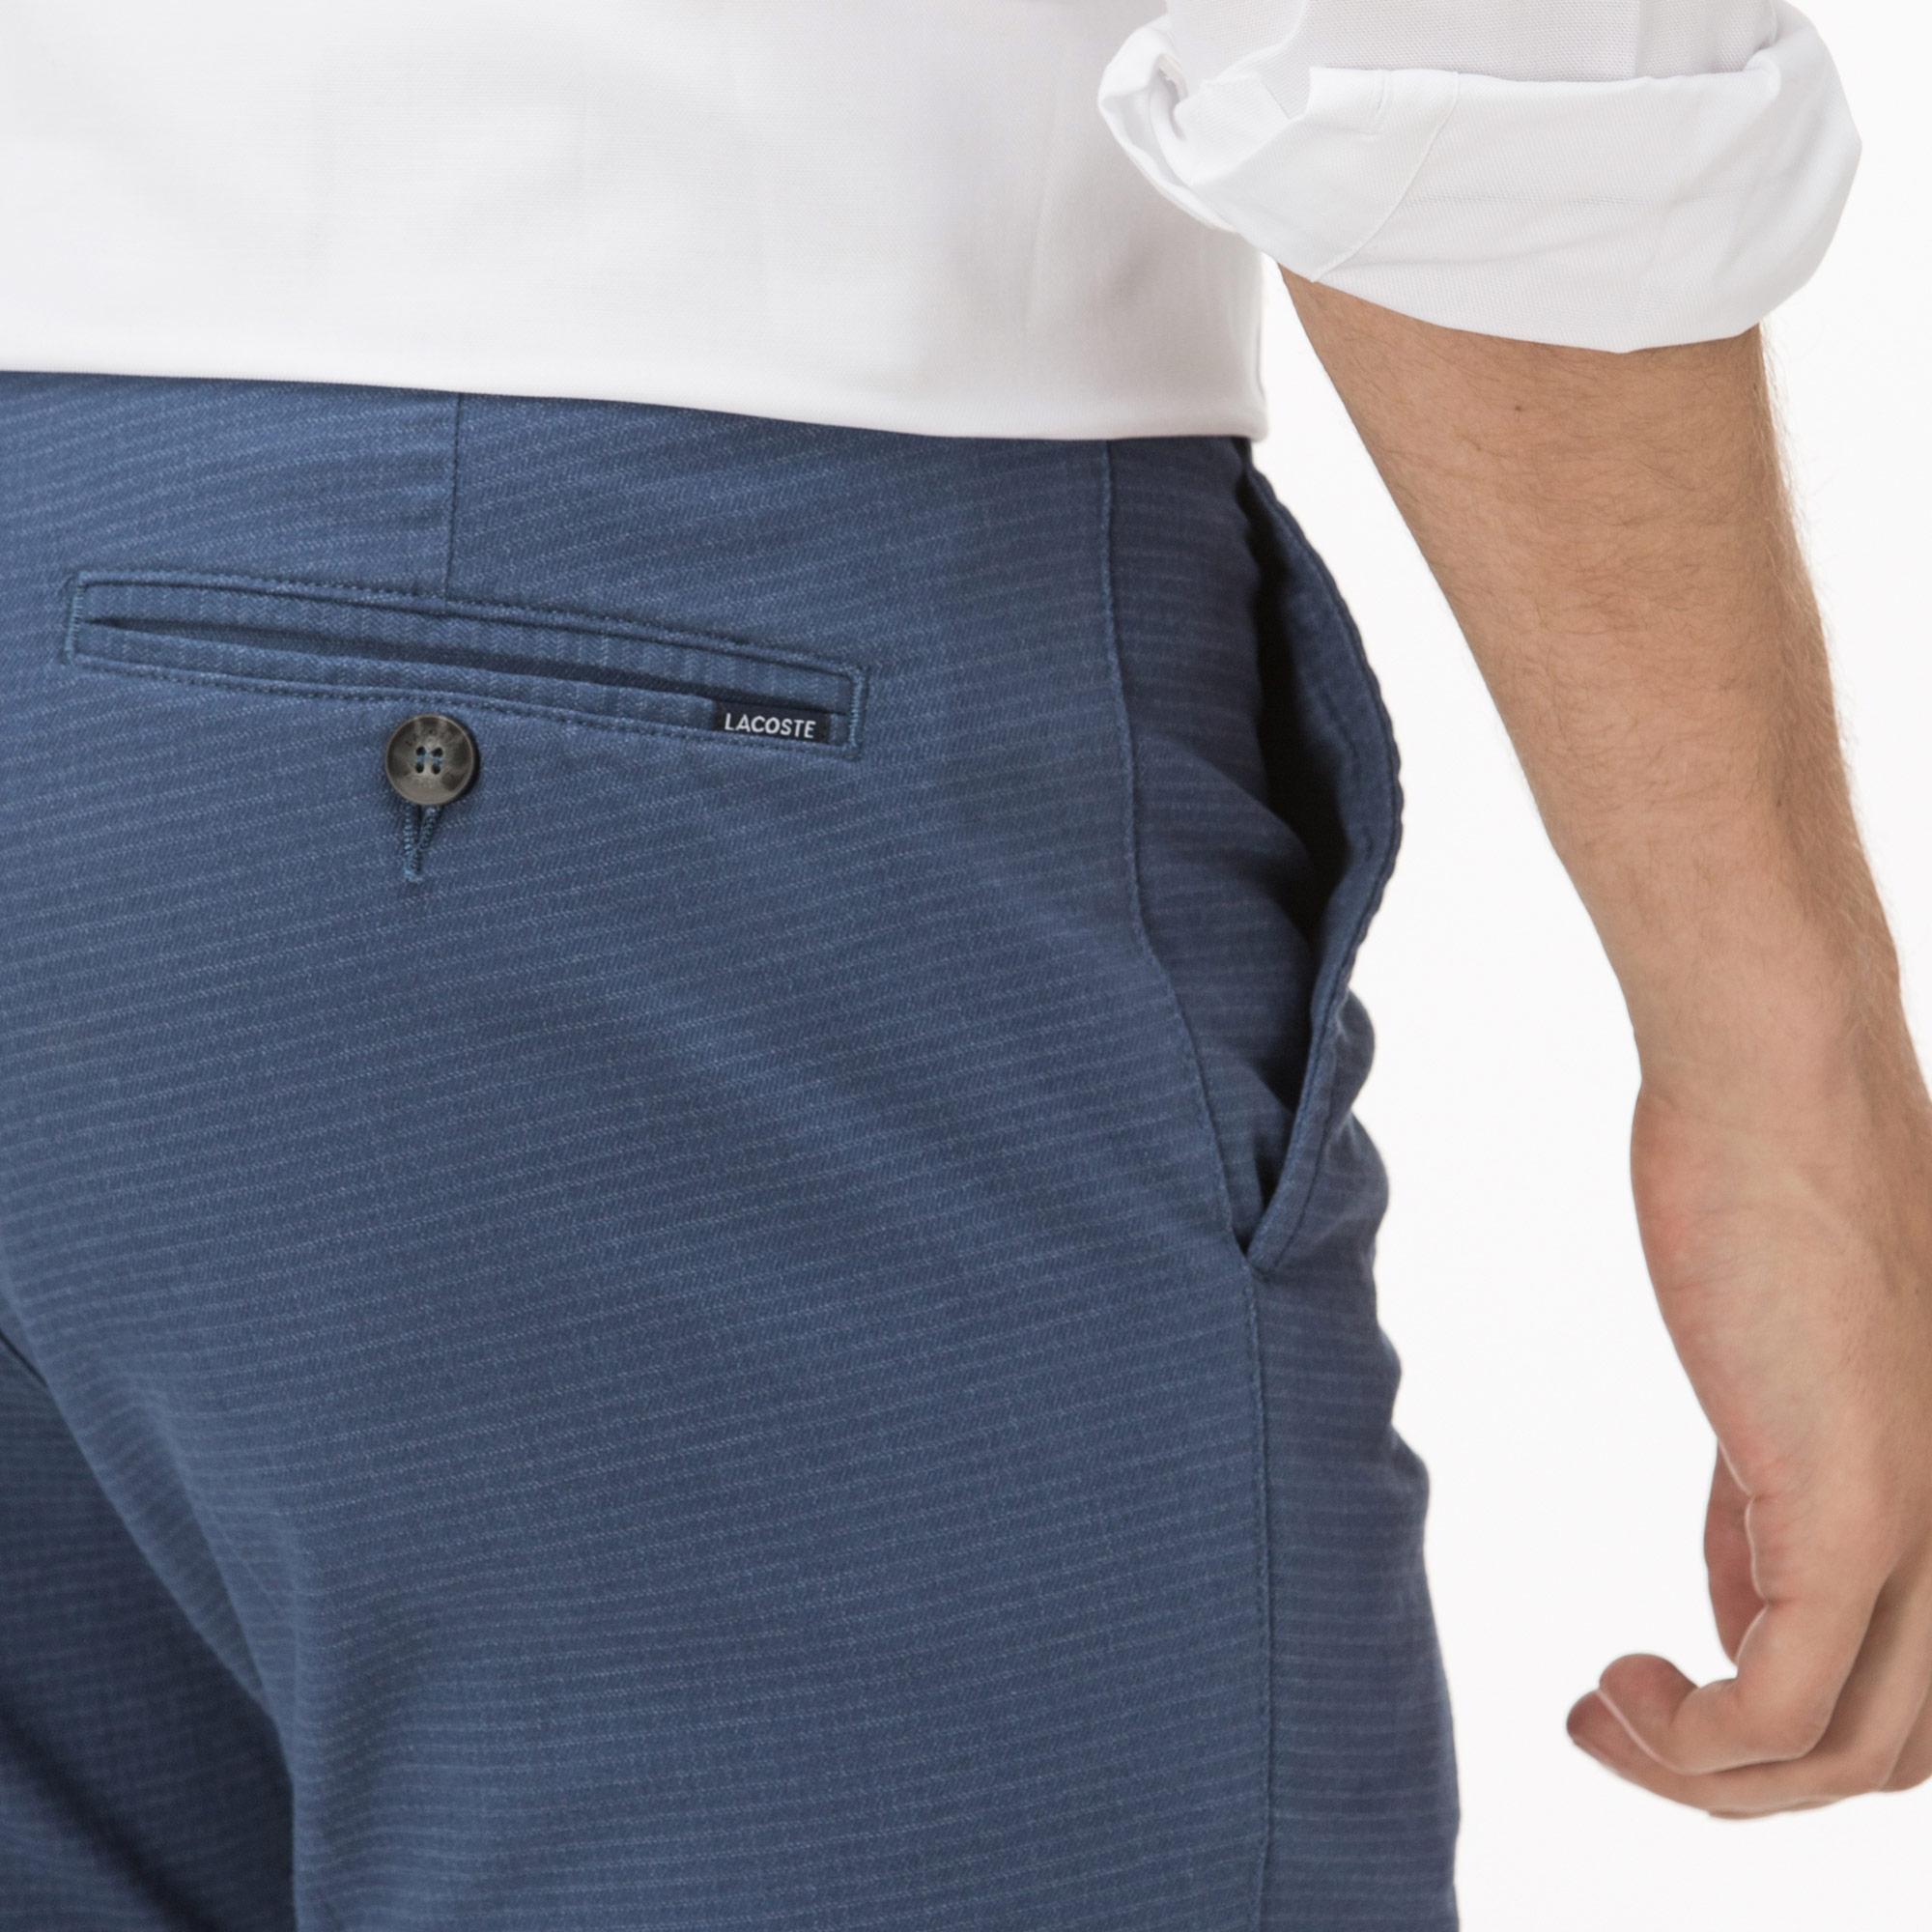 Lacoste Erkek Koyu Mavi Pantolon